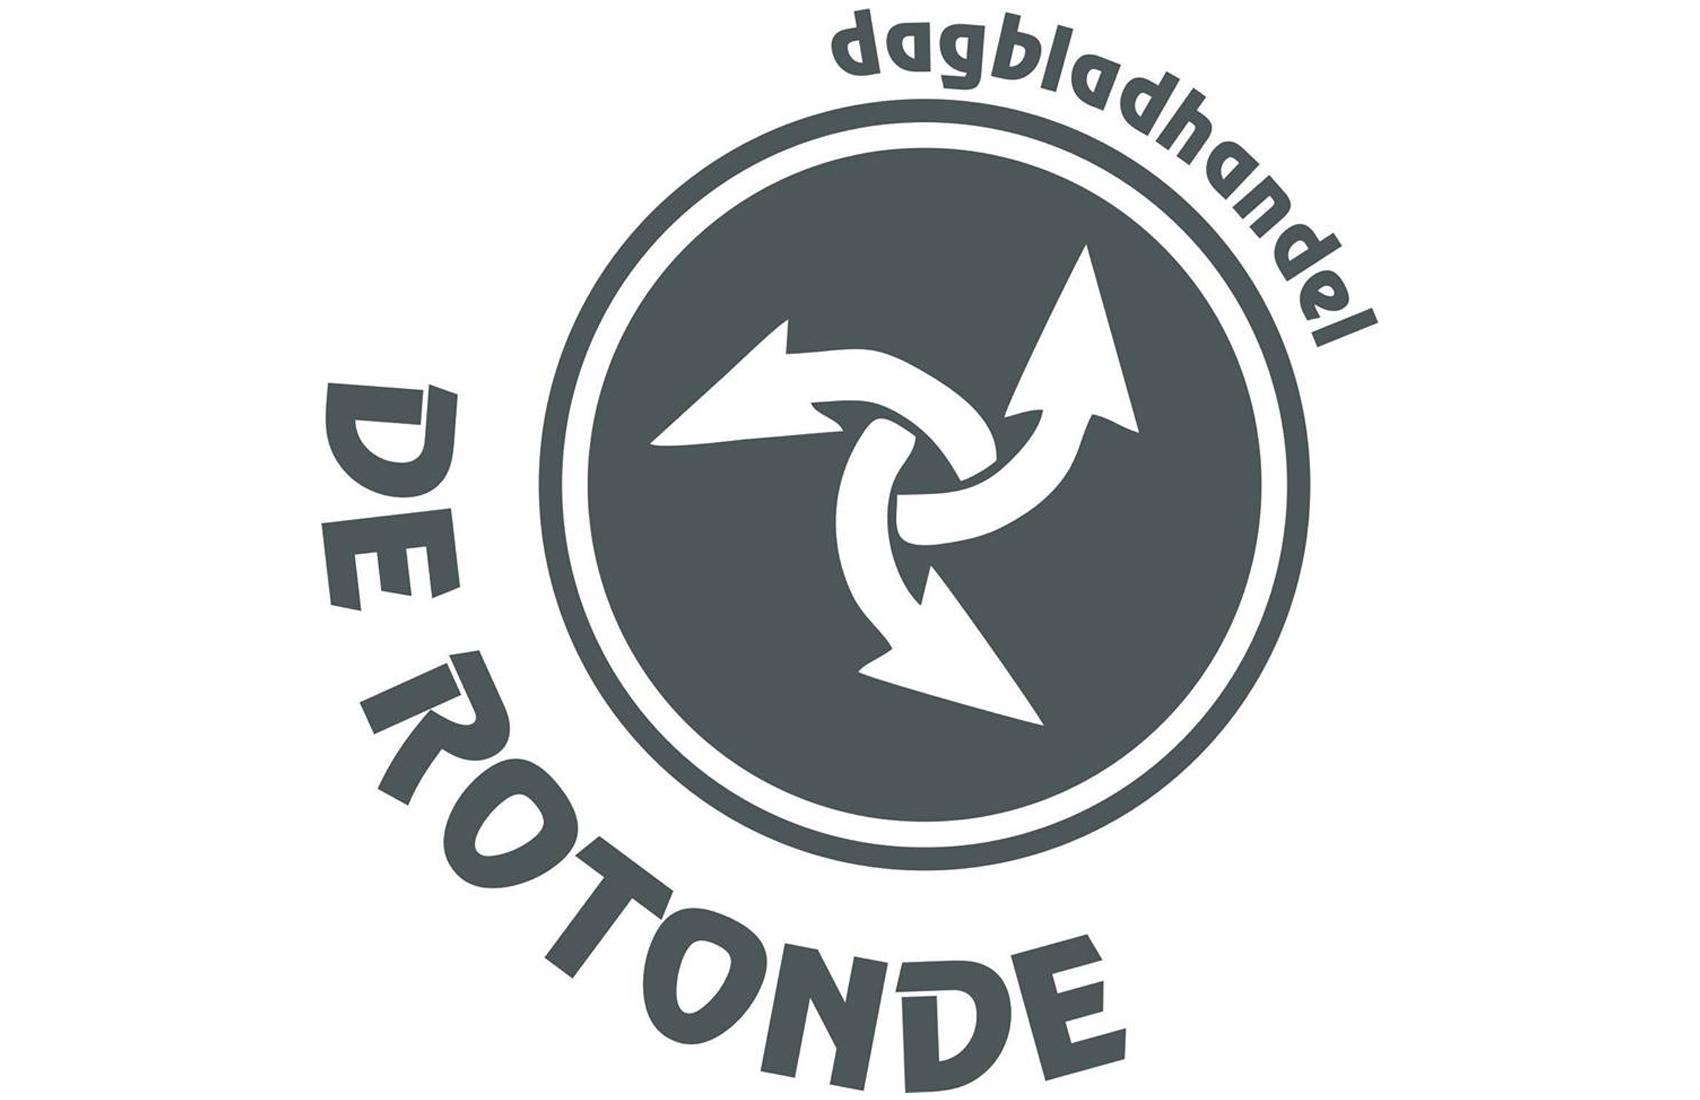 Dagbladhandel De Rotonde